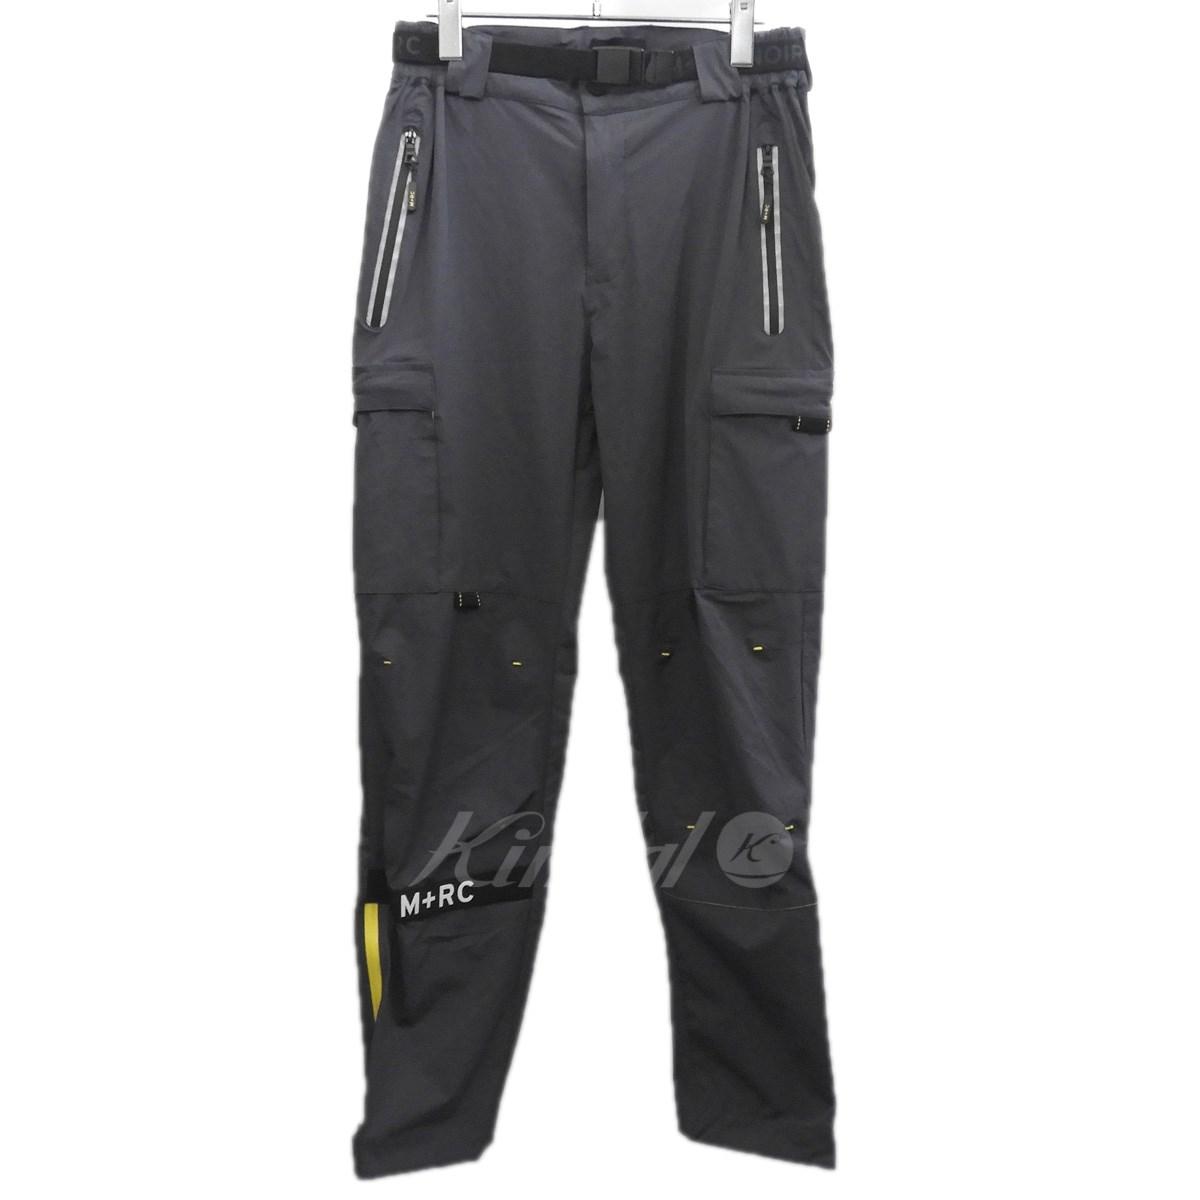 【中古】M RC NOIR 2018AW 「Tactical Pant」タクティカルパンツ ニューグレイ サイズ:S 【送料無料】 【220918】(マルシェノア)